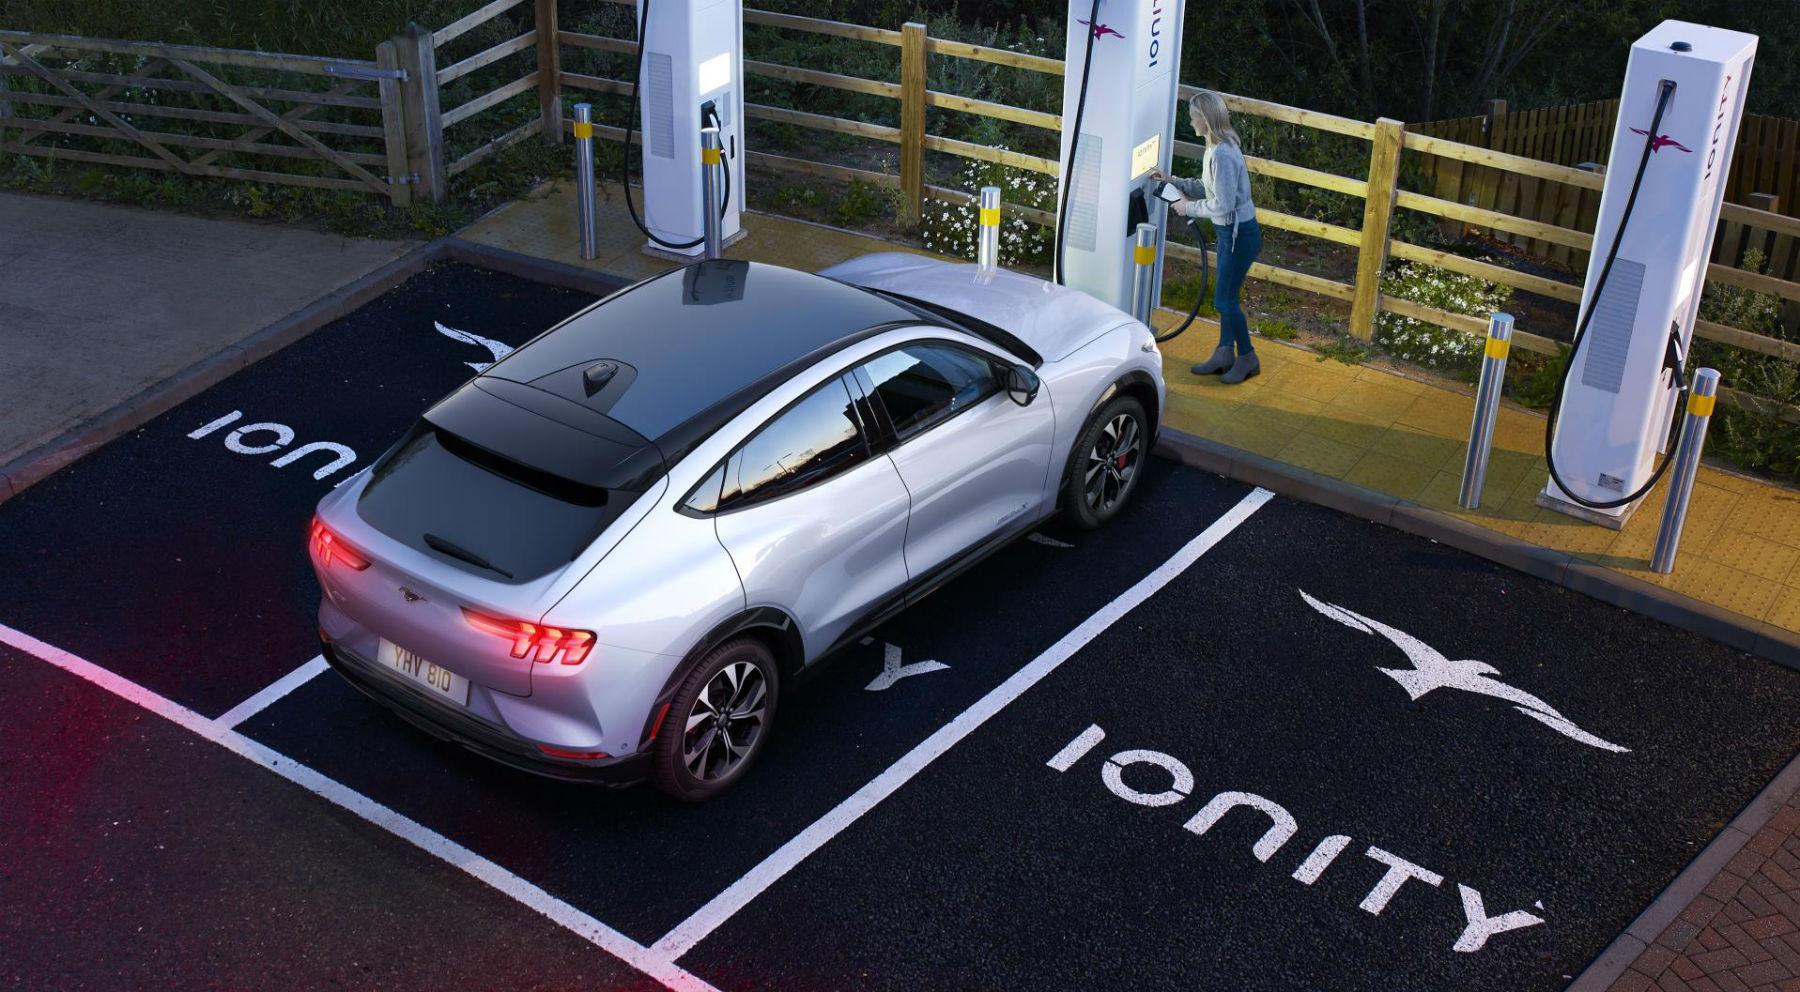 El Ford Mustang eléctrico recarga 120 kilómetros en diez minutos   Eléctricos   Motor EL PAÍS